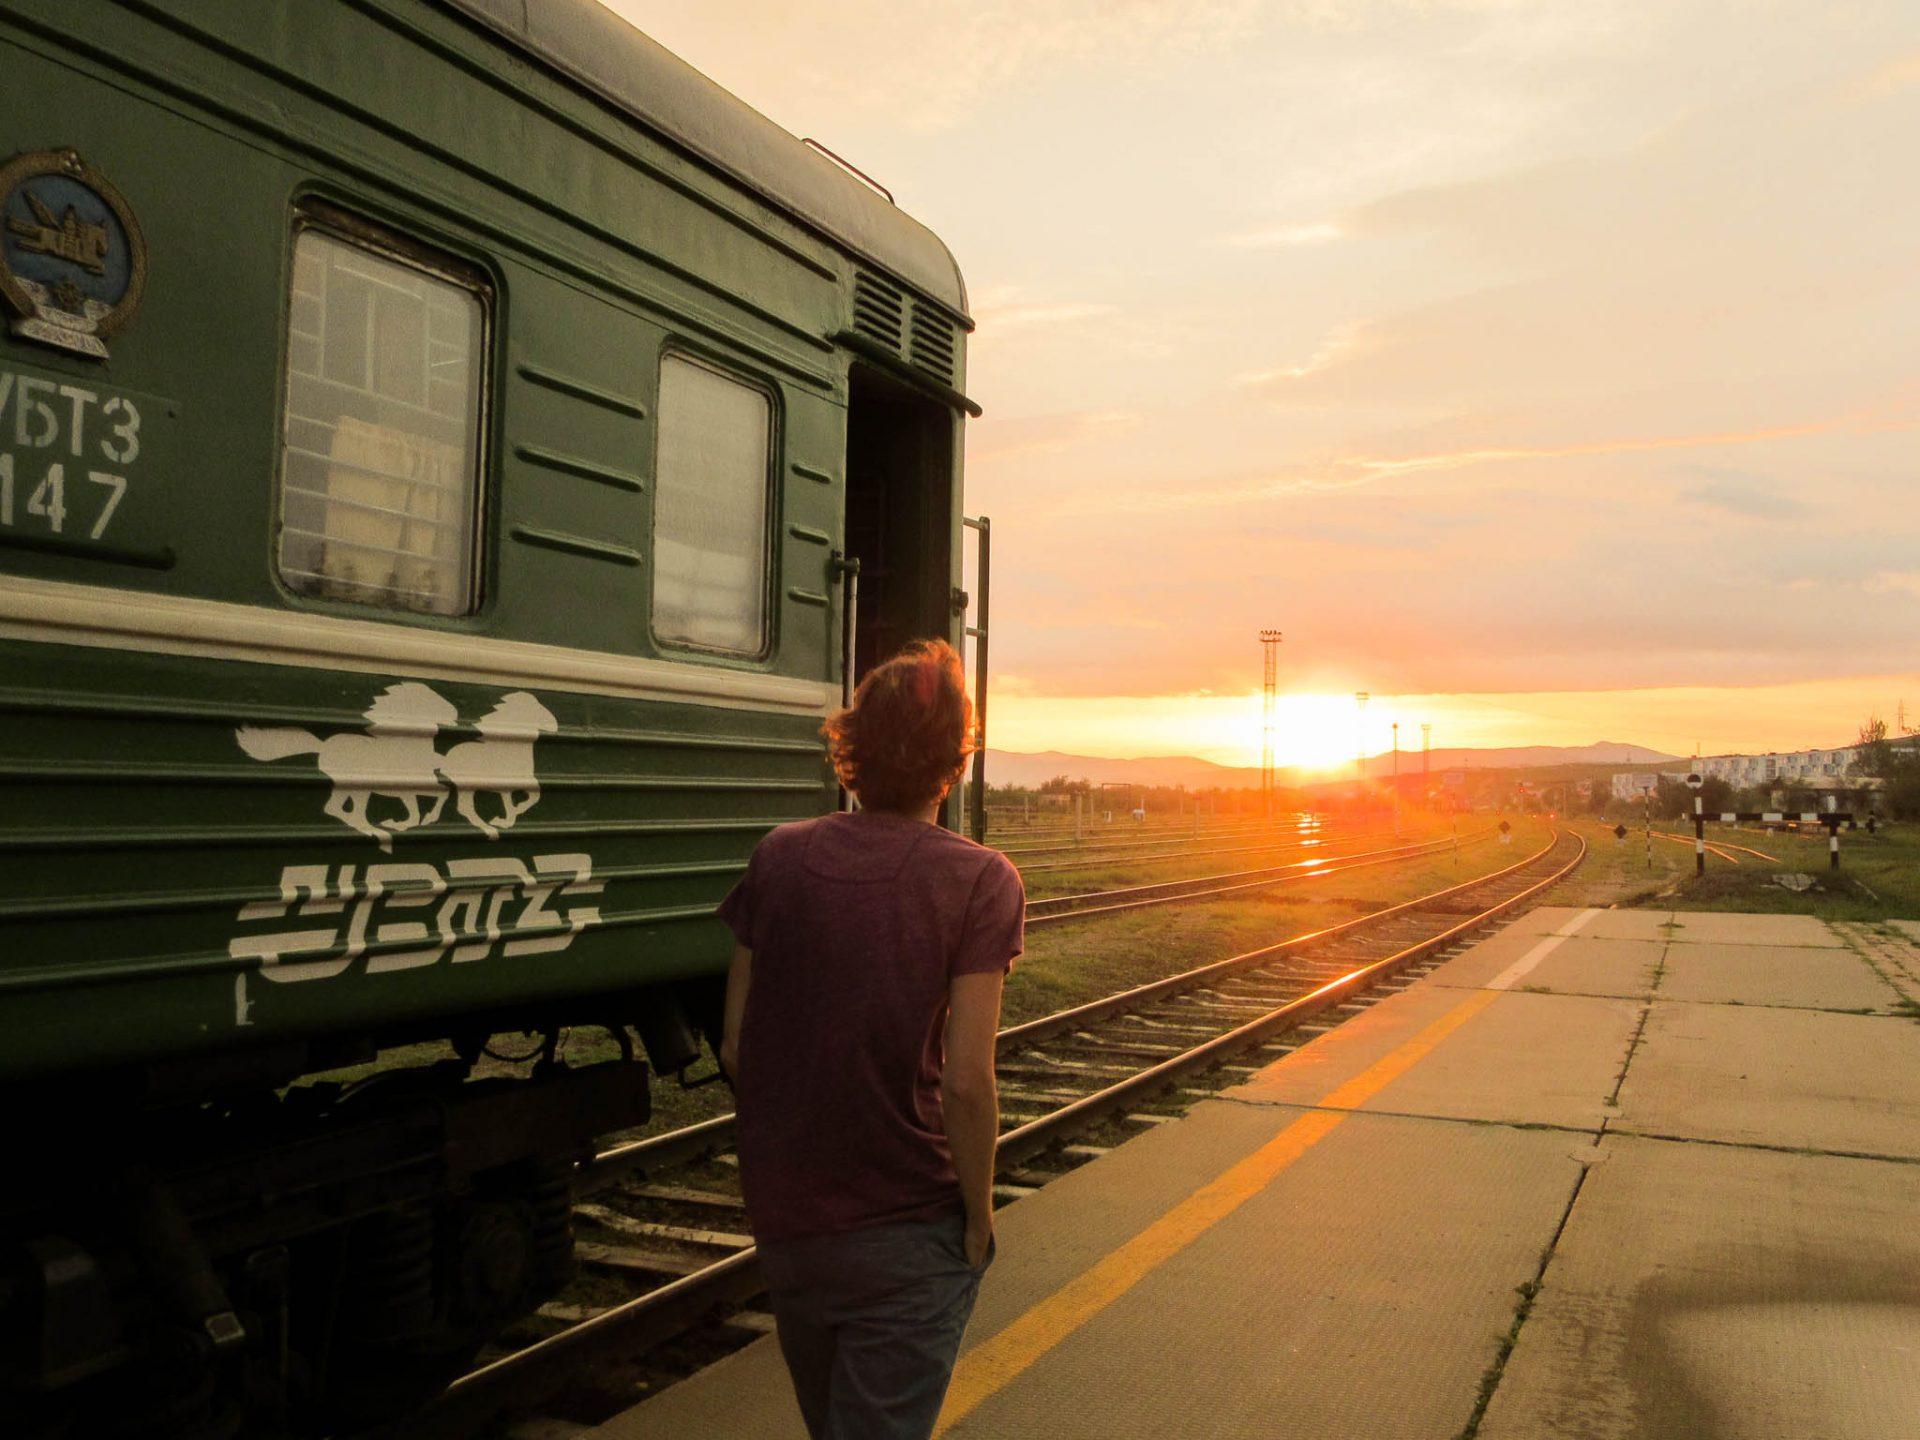 Ondergaande zon die op het perron schijnt waar de Transsiberië Express staat